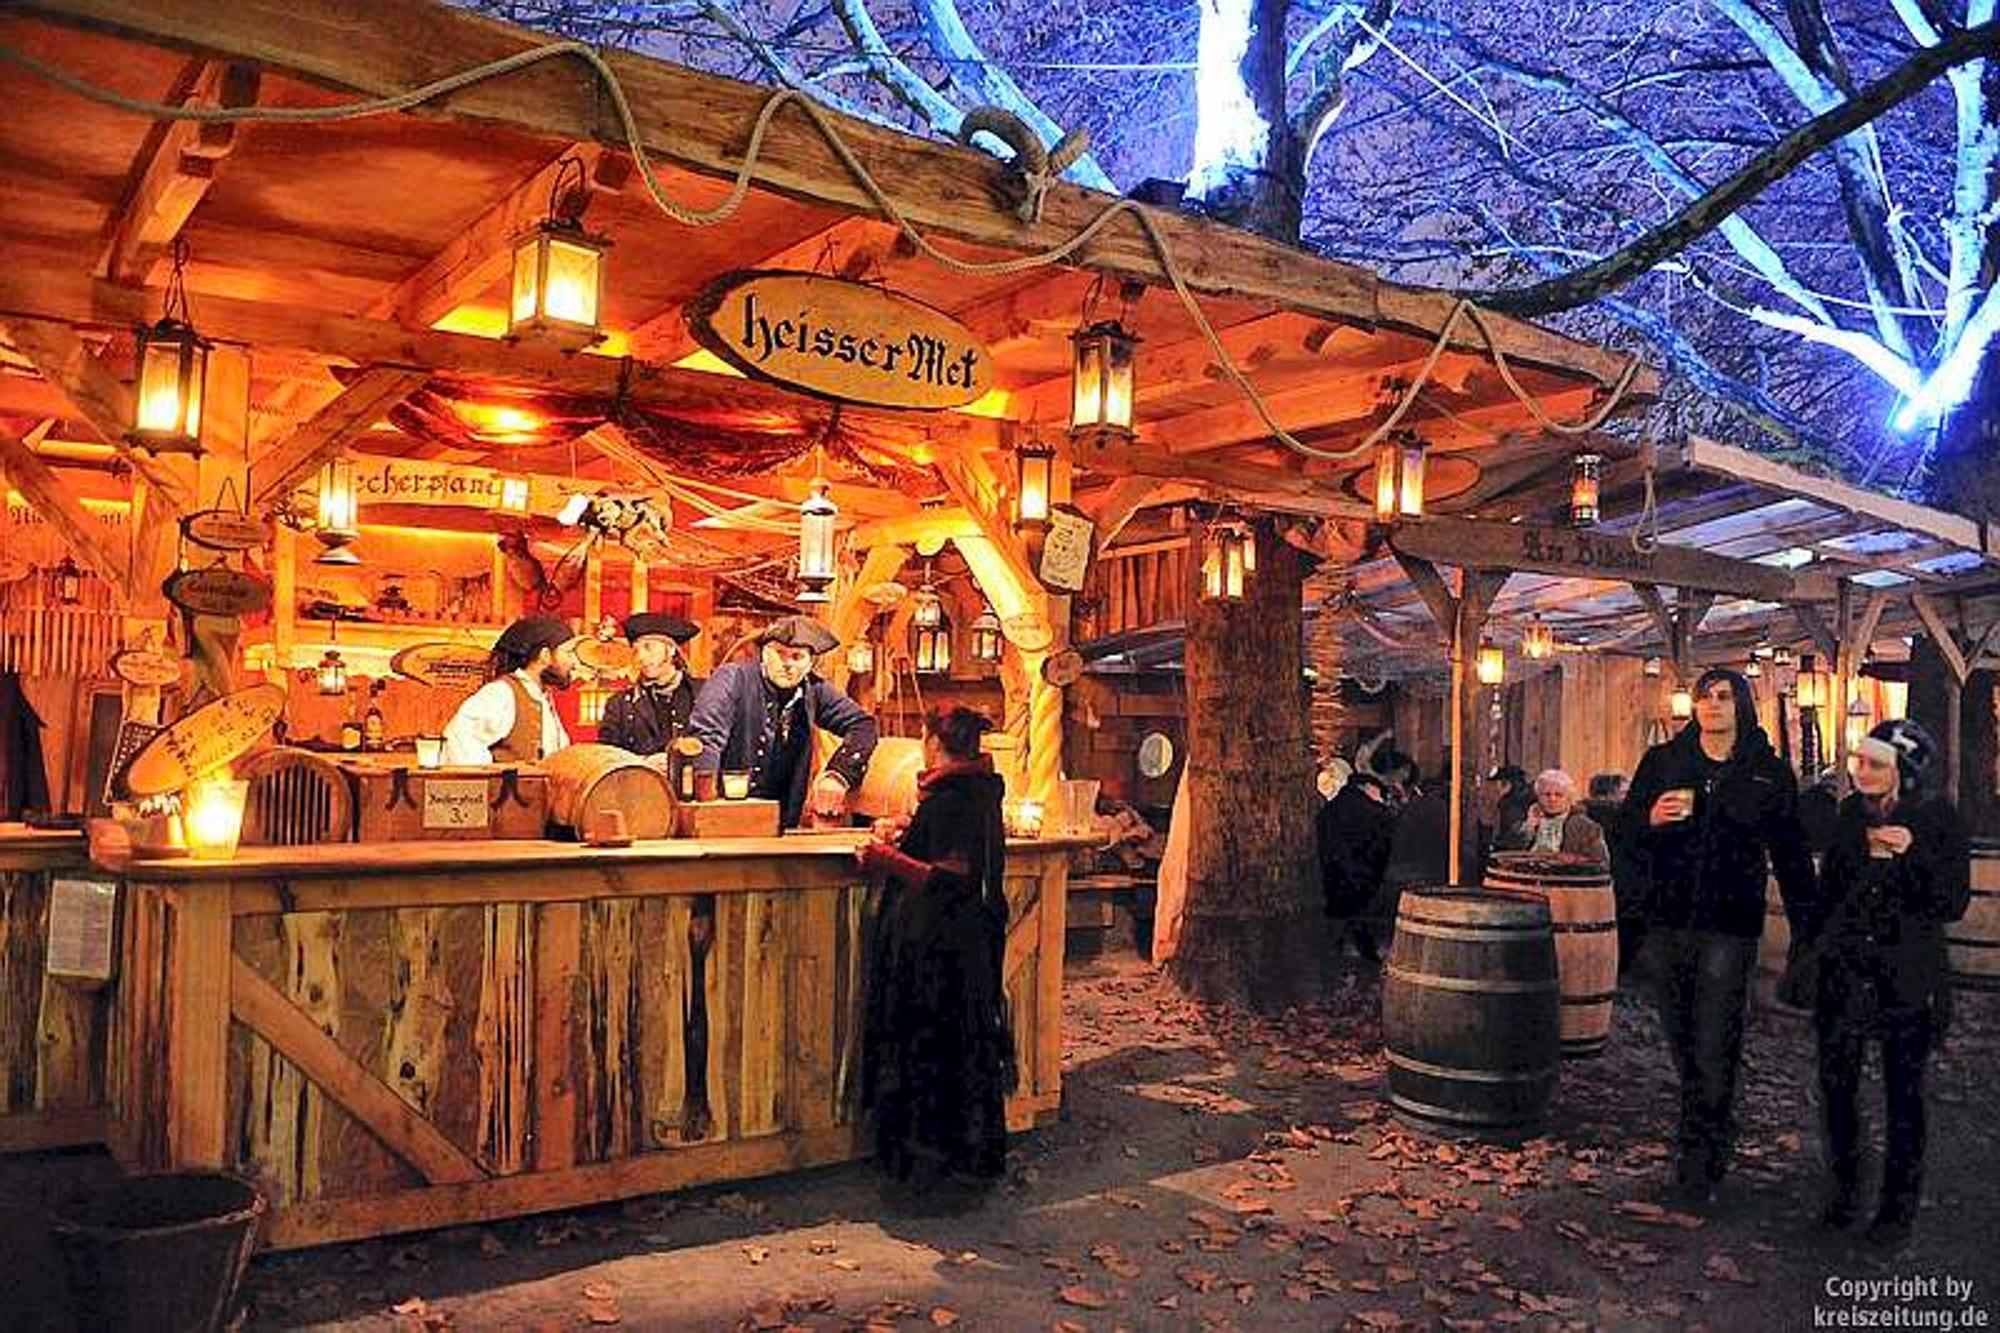 Stände Weihnachtsmarkt.Schlachte Zauber Und Weihnachtsmarkt Eröffnet Seeräuber Auf